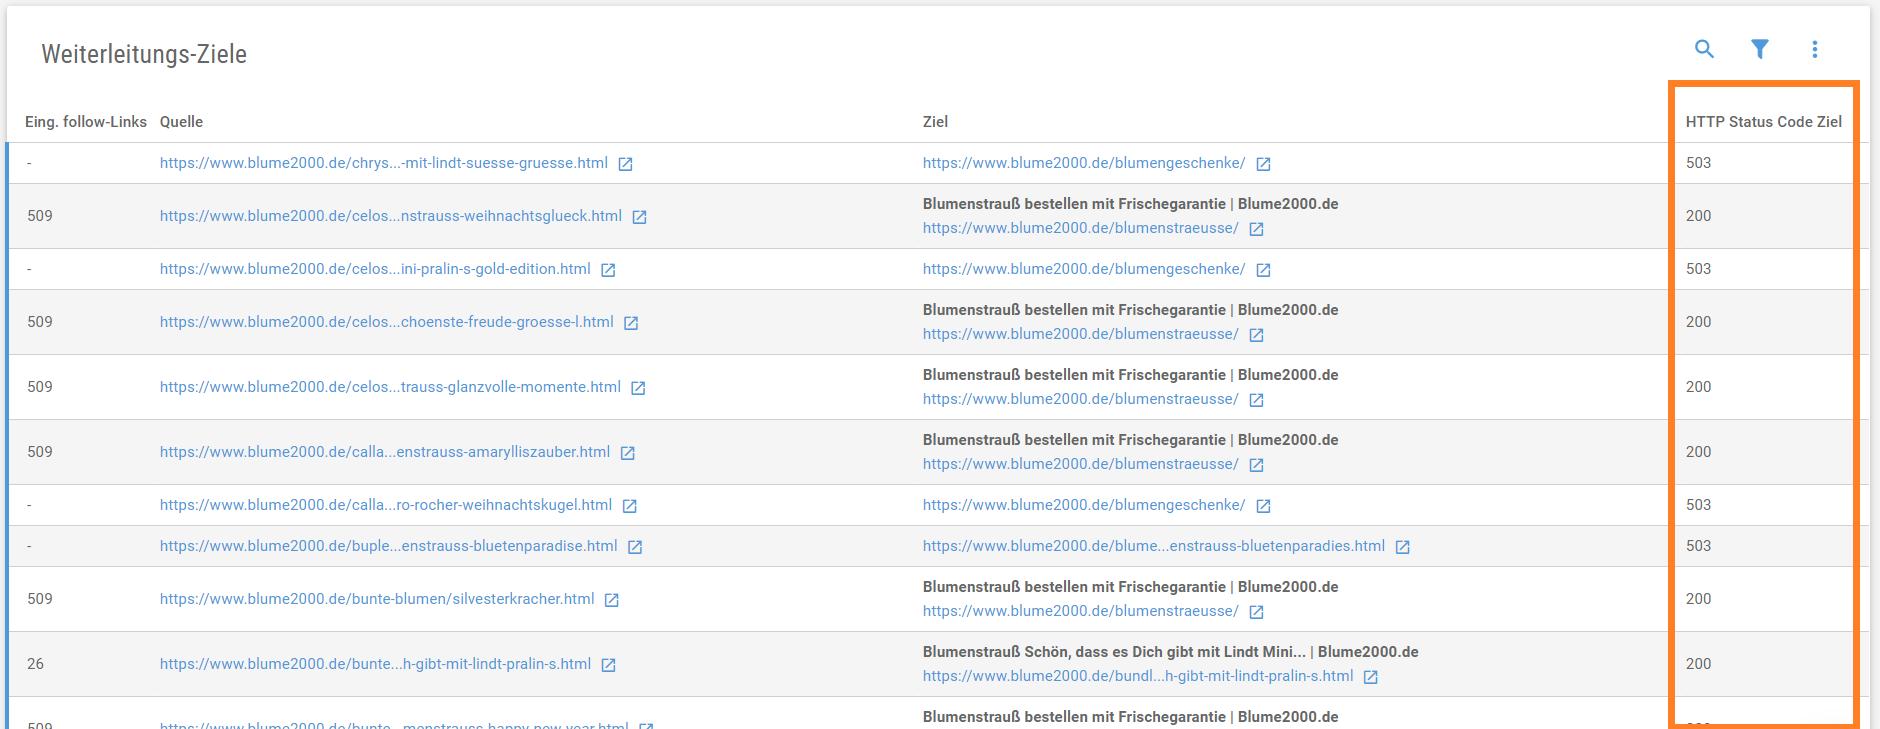 Screenshot der Weiterleitungs-Ziele in der XOVI Suite